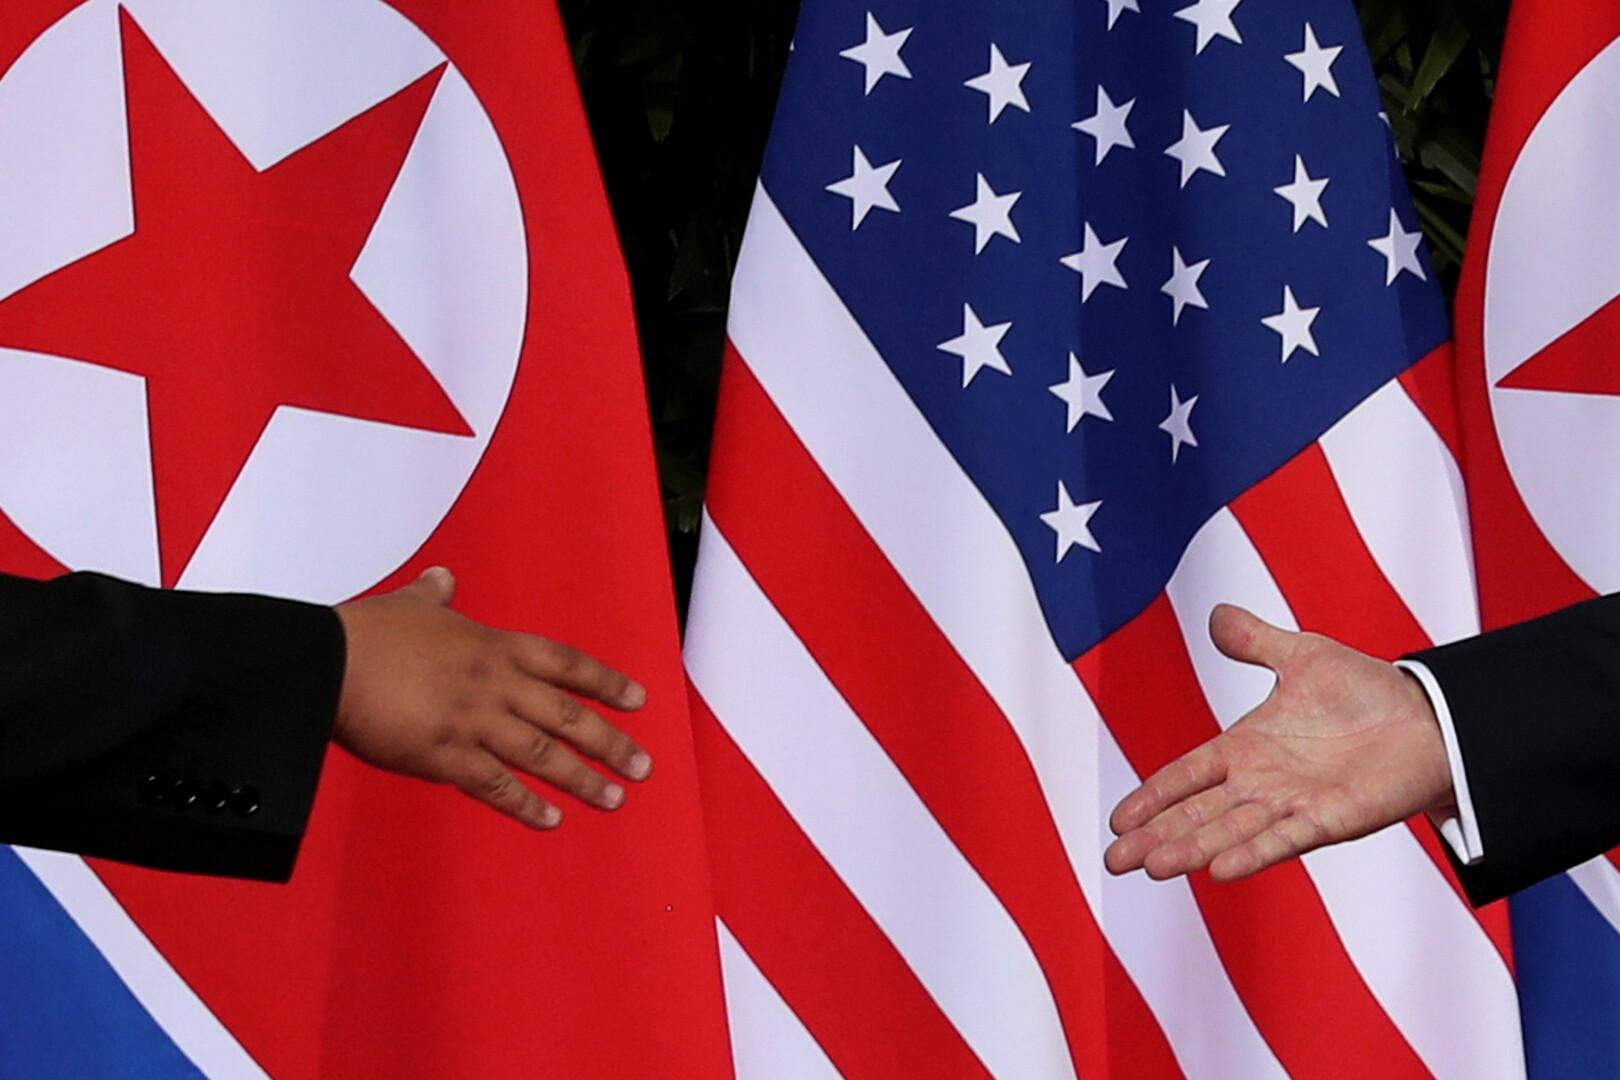 صورة من القمة التاريخية للرئيس الأمريكي، دونالد ترامب، وزعيم كوريا الشمالية، كيم جونغ أون، في سنغافورة يوم 12 يونيو 2018.